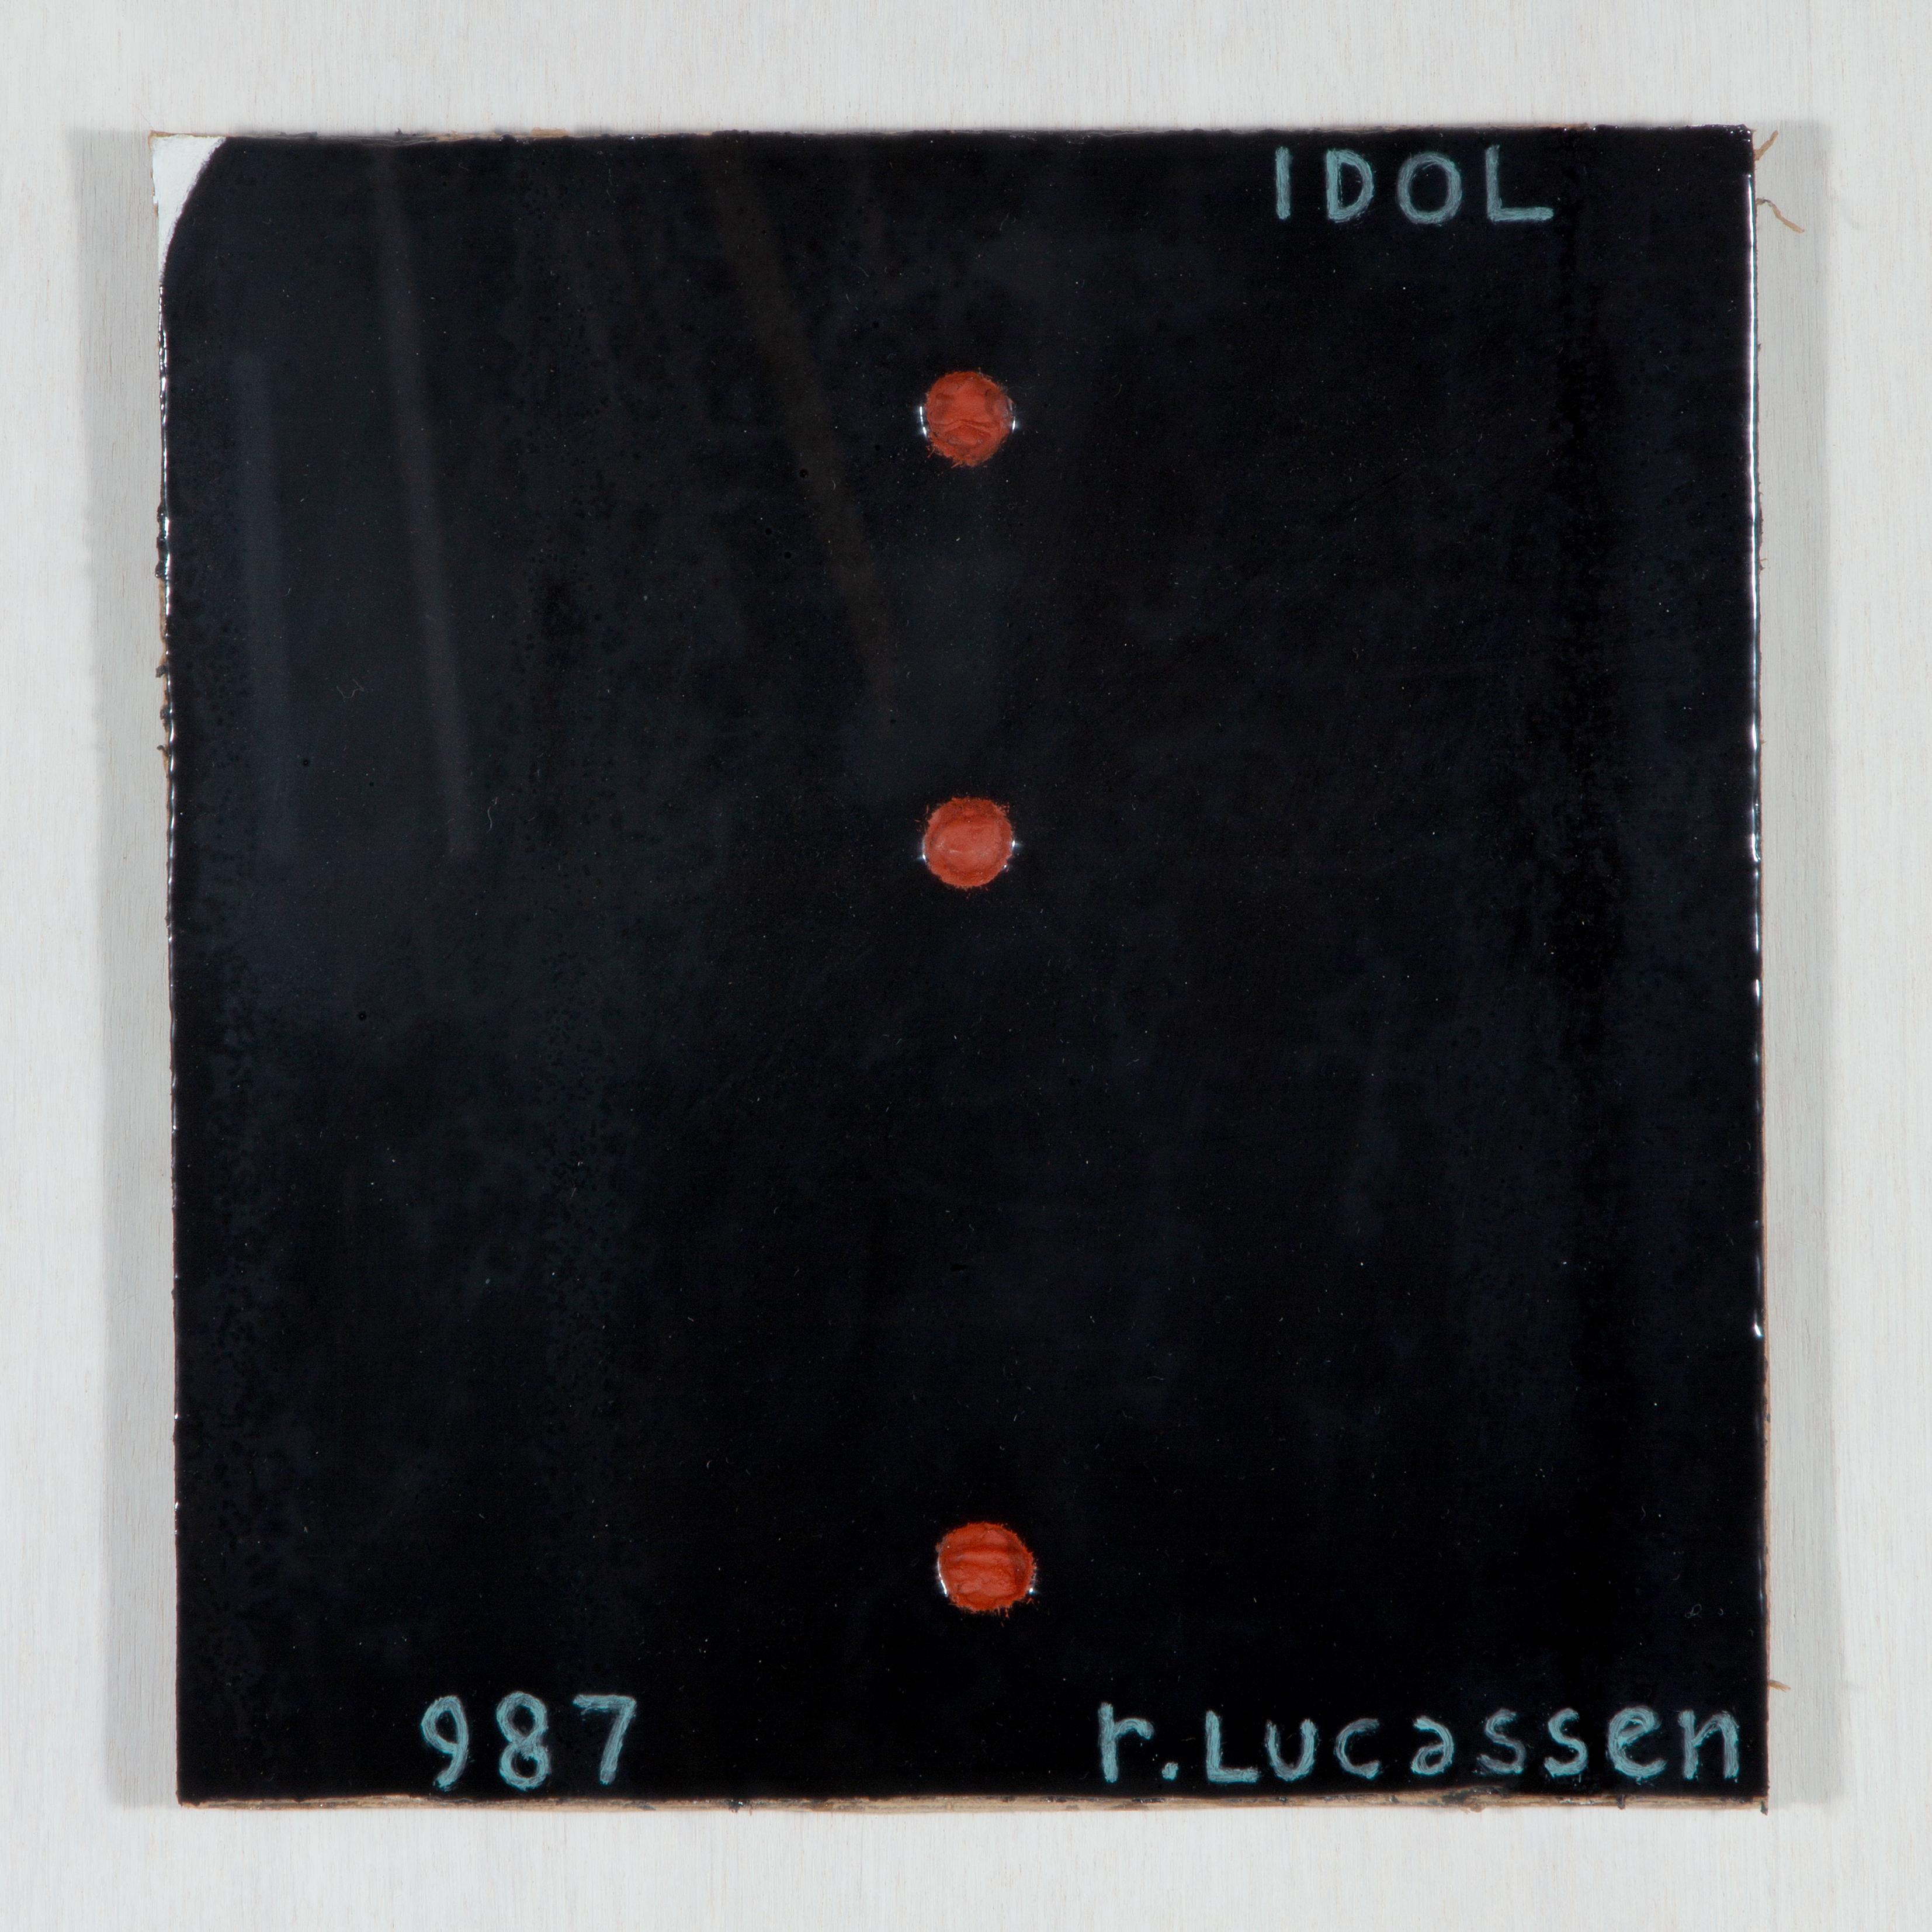 Idol noir